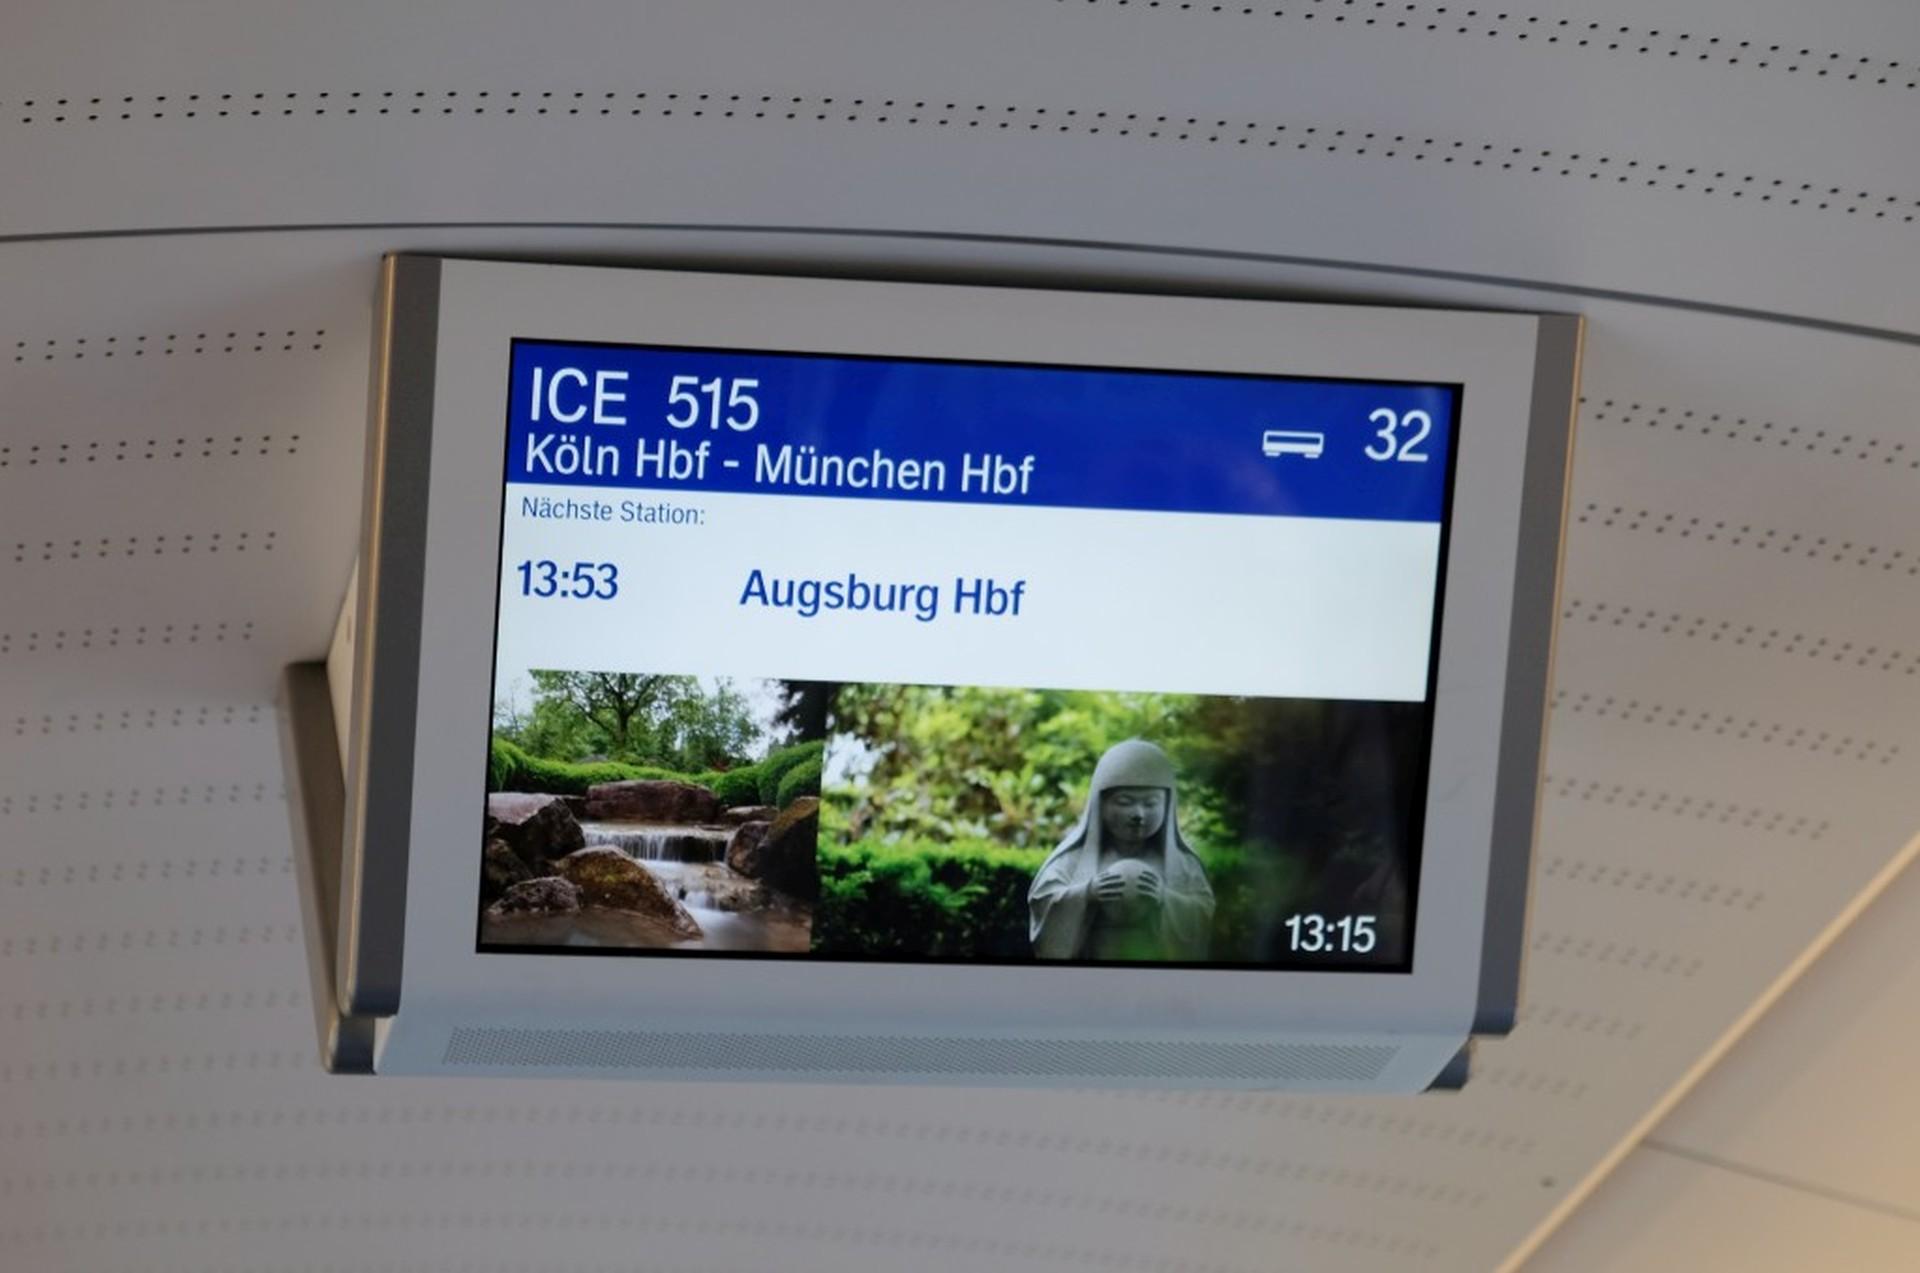 Nächster Halt: Augsburg! Und sogar mit Bebilderung aus Leos Arbeitsplatz...